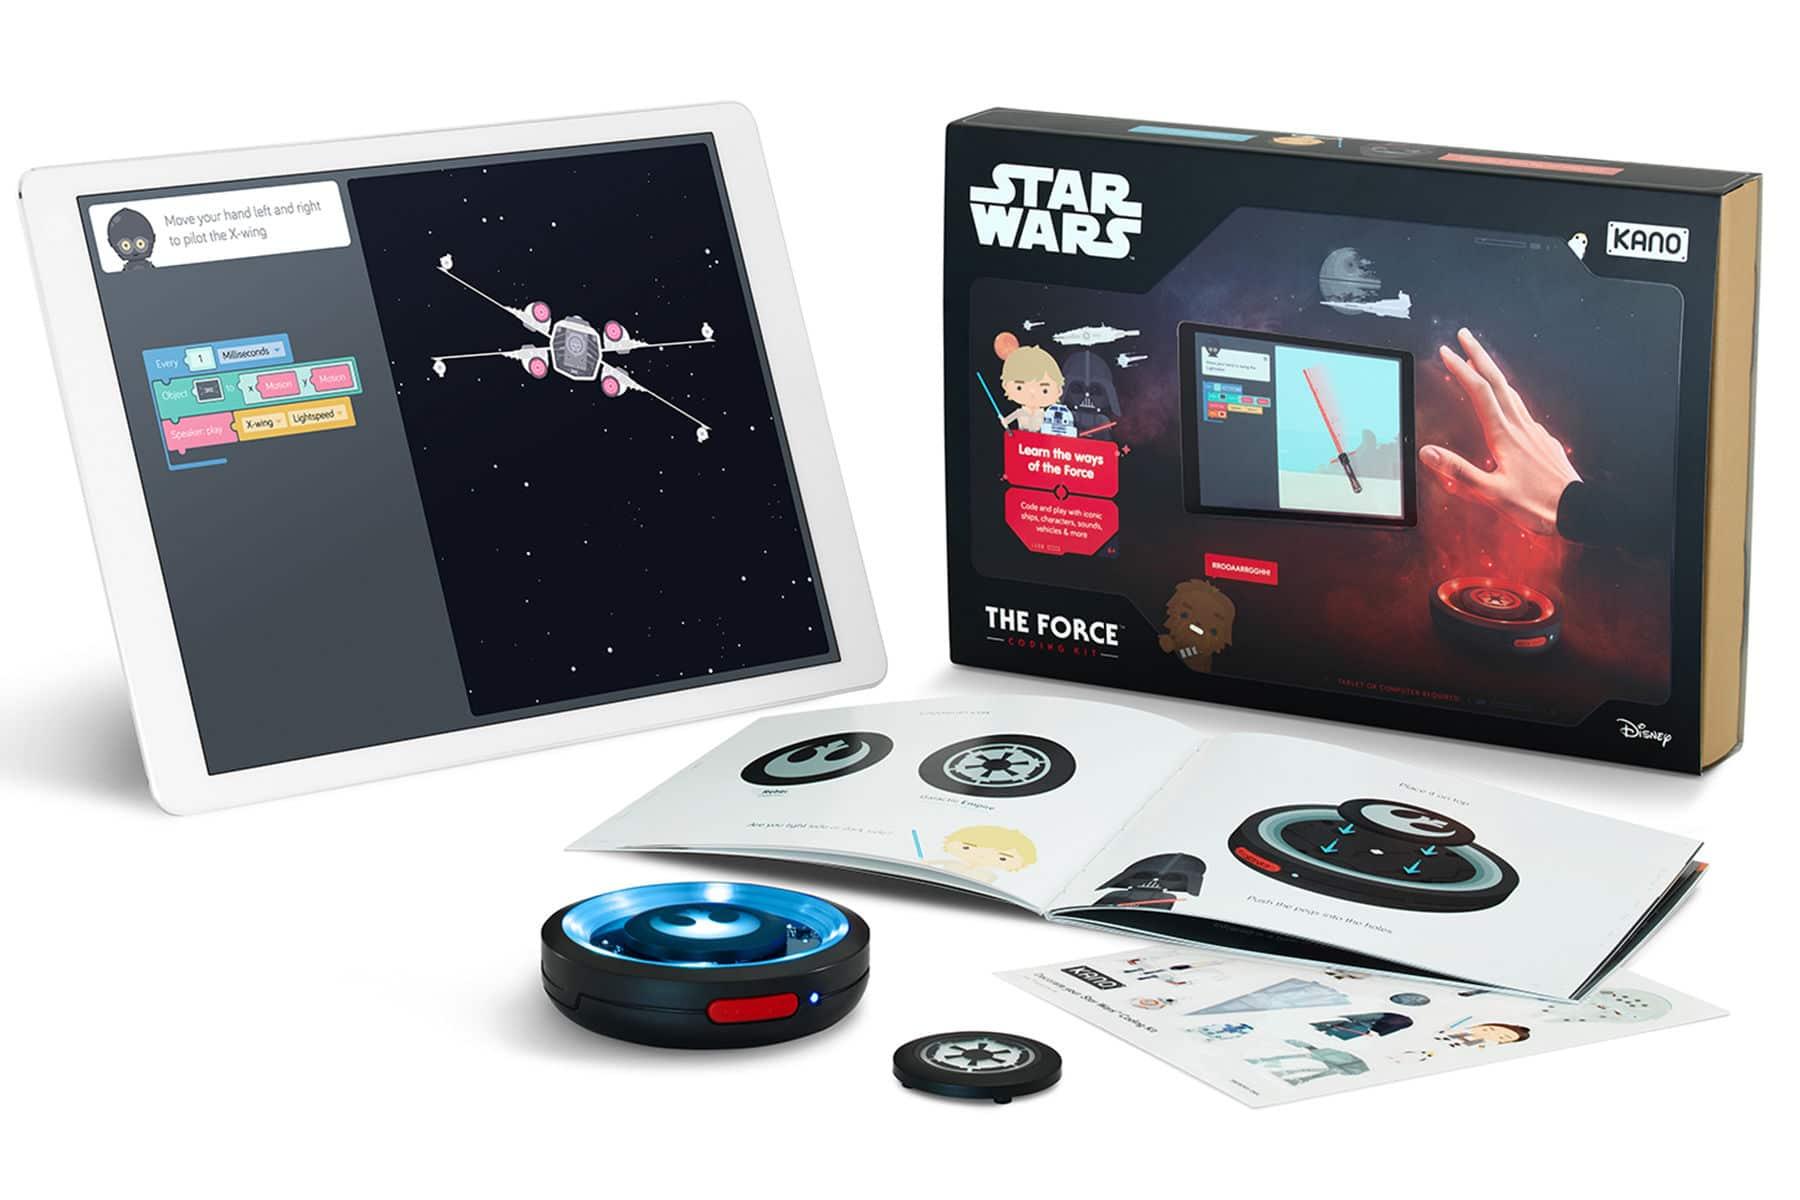 Star Wars The Force Coding Kit: Programmiert euch die Macht